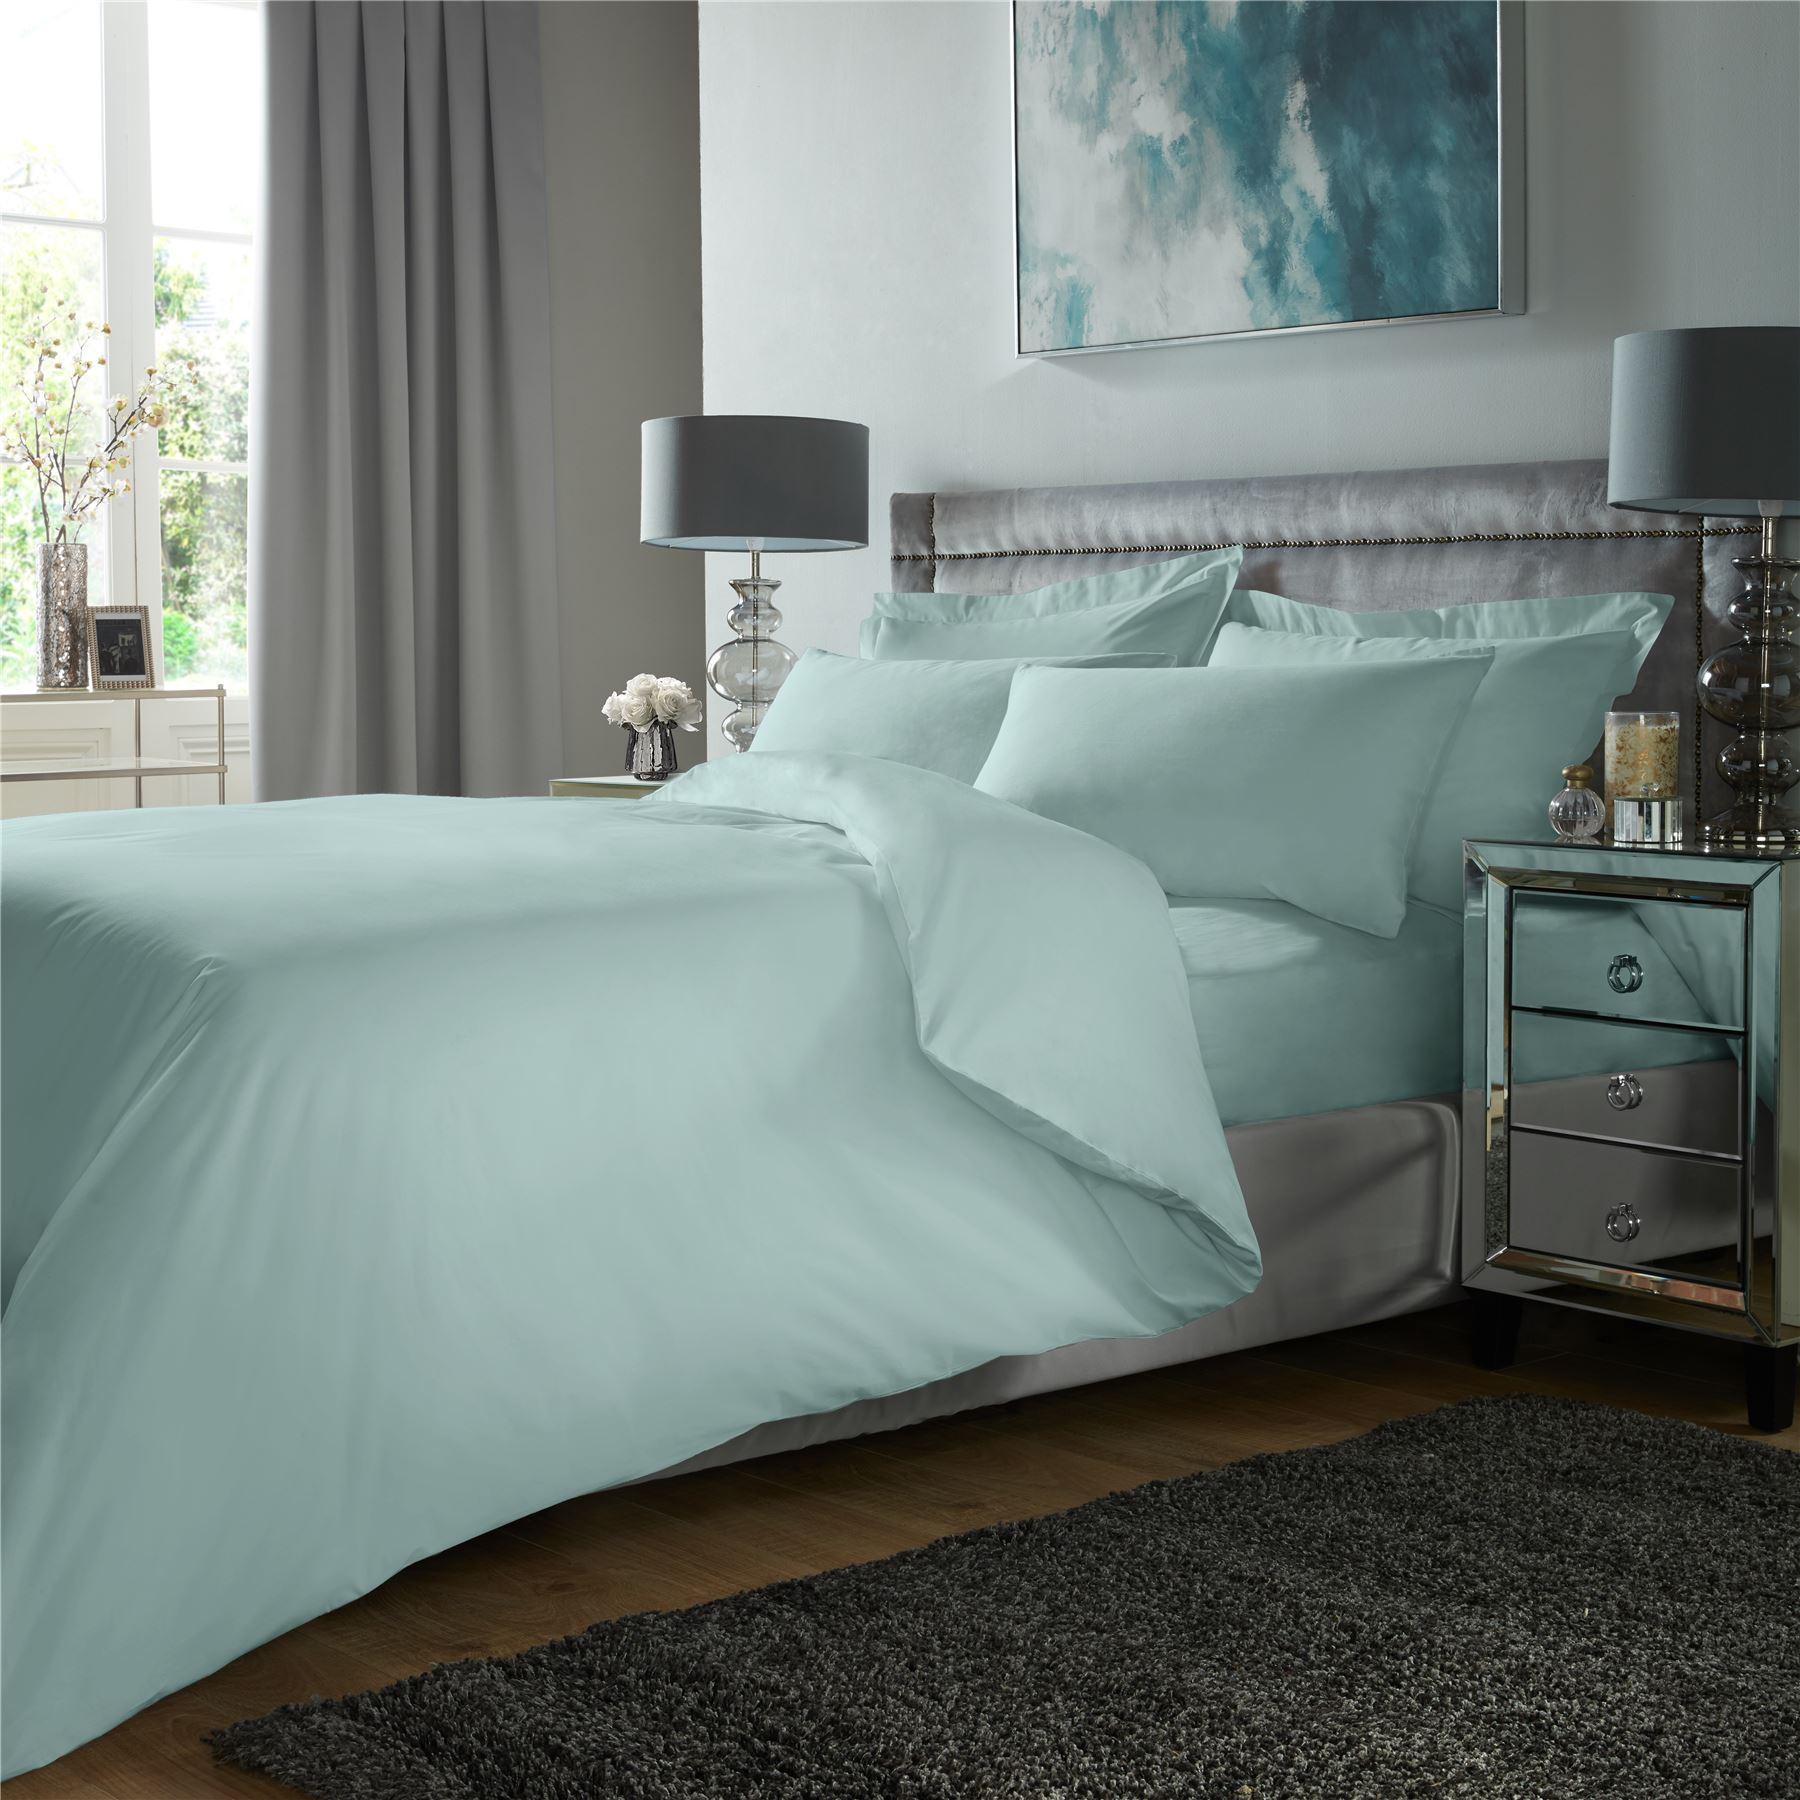 De-Lujo-400TC-conjunto-de-funda-de-edredon-100-Algodon-Egipcio-ropa-de-cama-funda-de-almohada-tenida miniatura 4